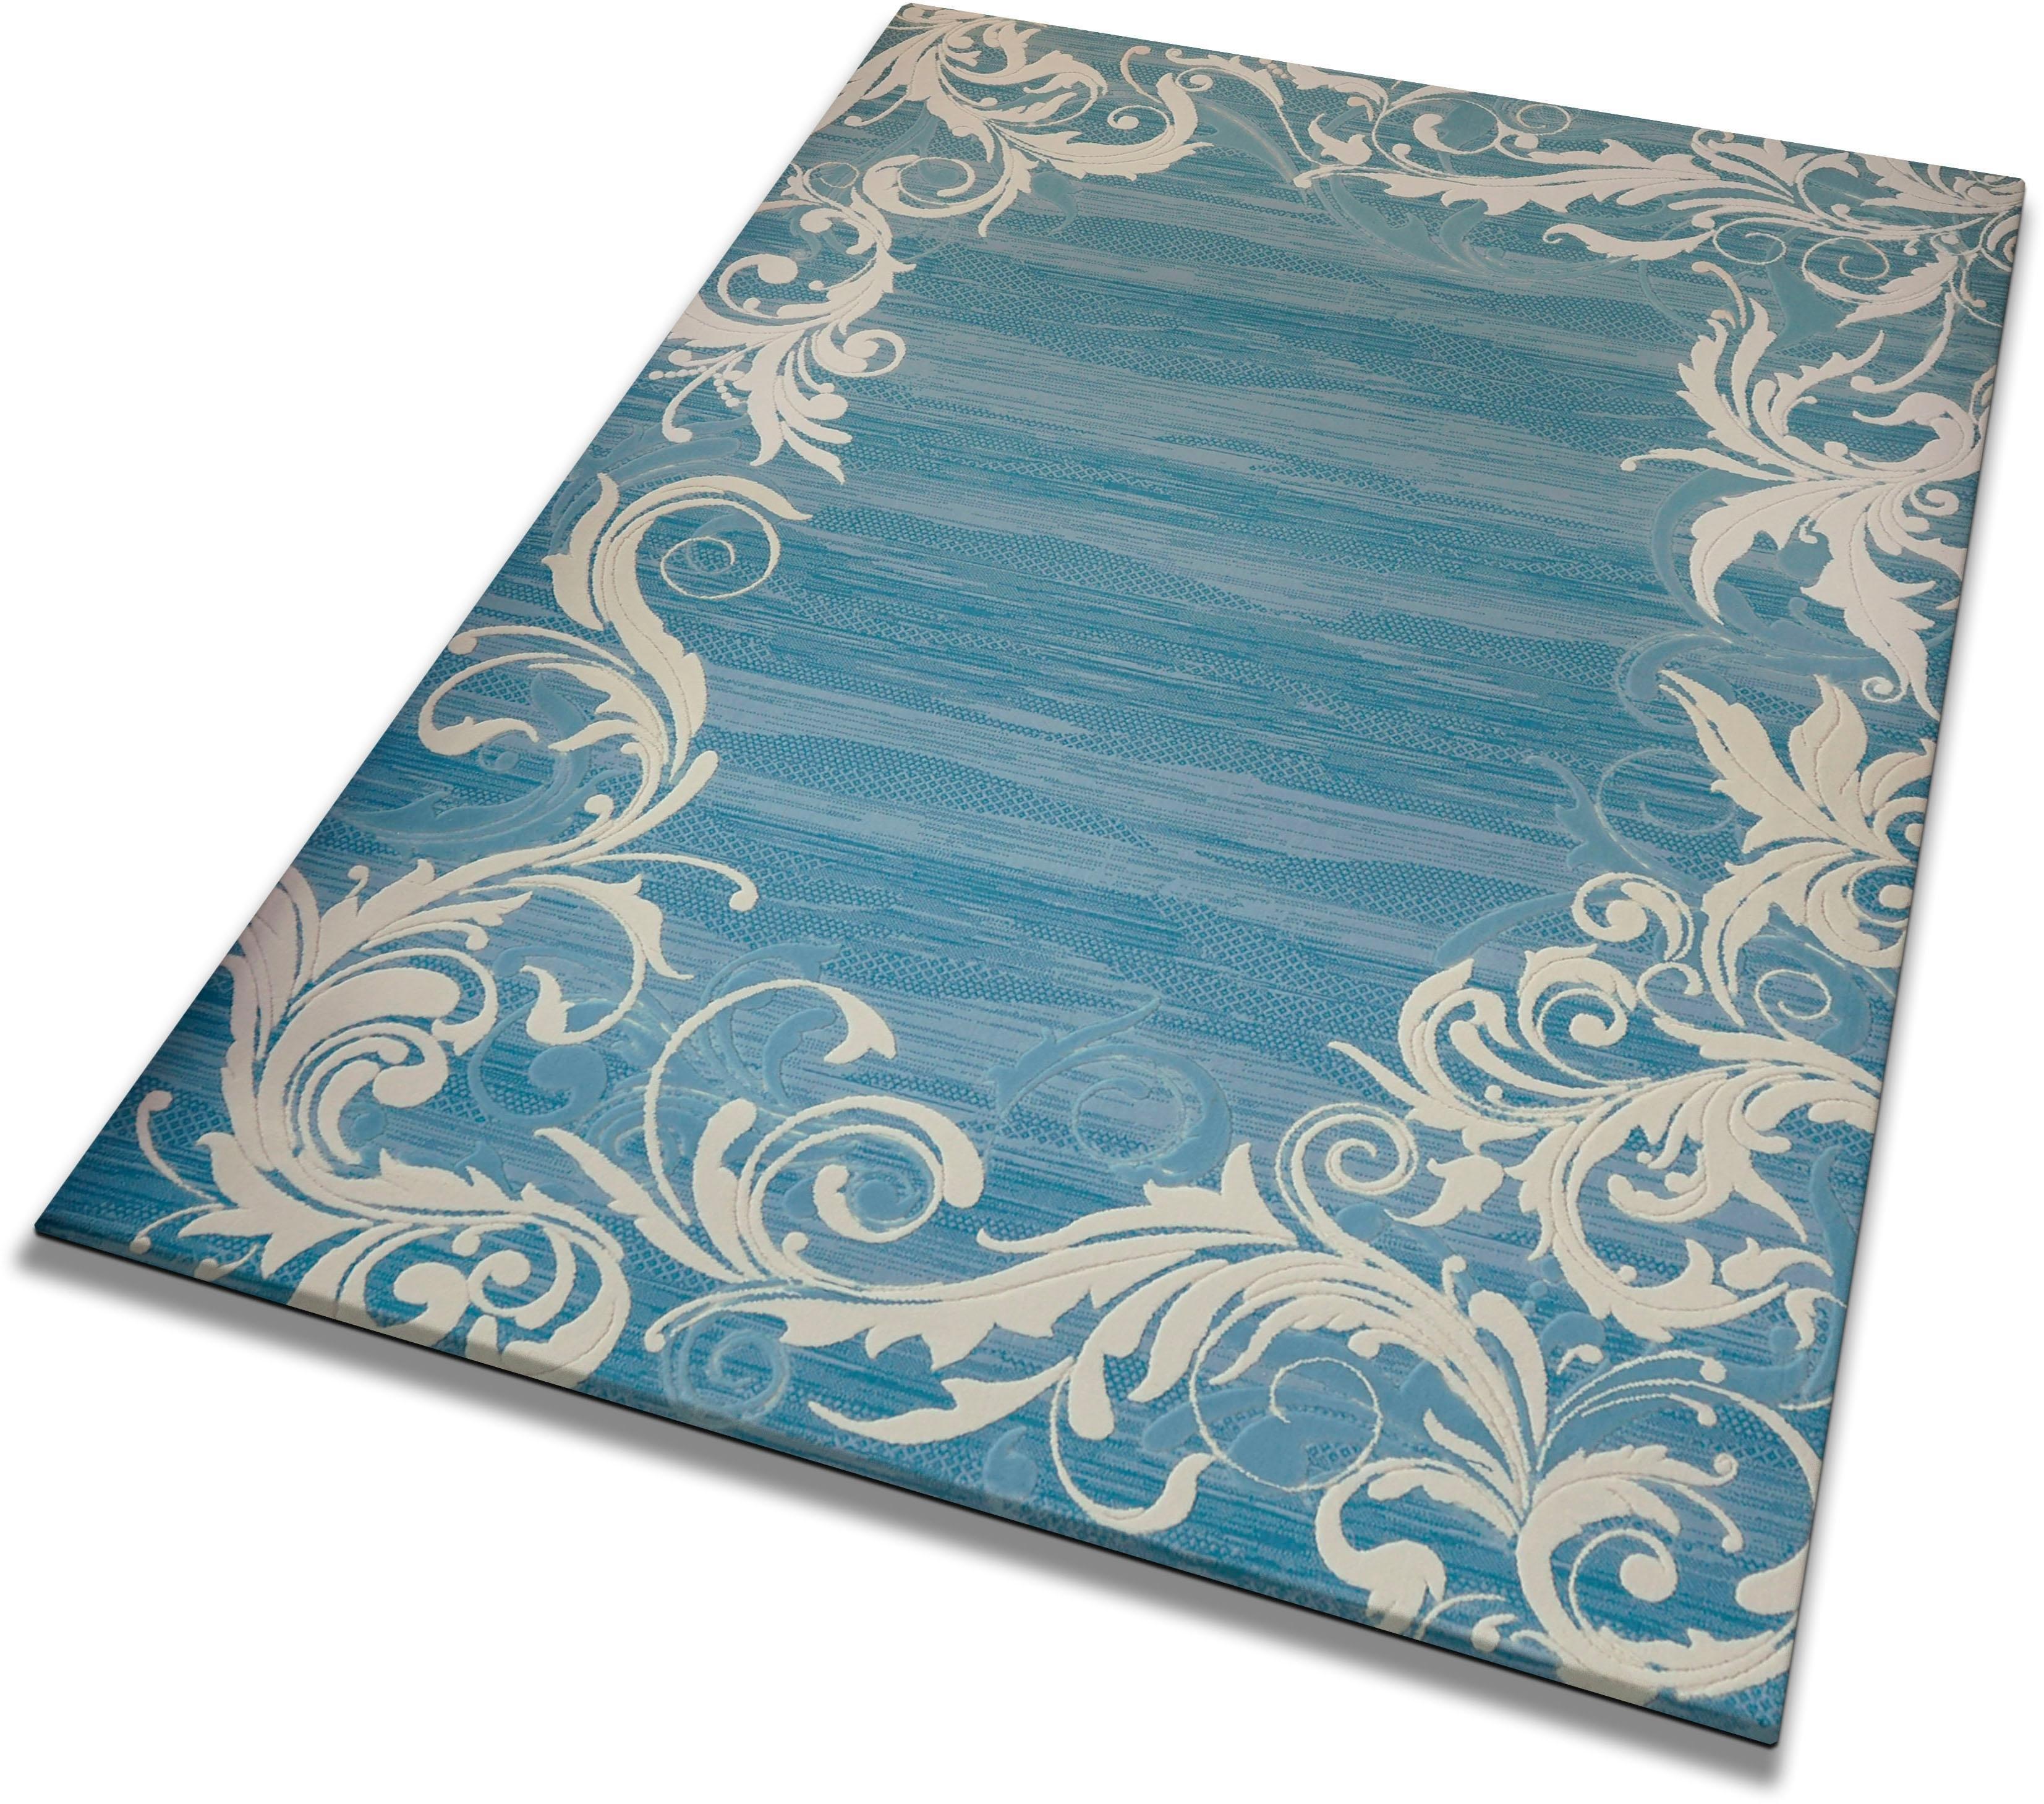 RESITAL The Voice of Carpet vloerkleed Canan 311 Korte pool, geweven, ornamenten, woonkamer bestellen: 30 dagen bedenktijd